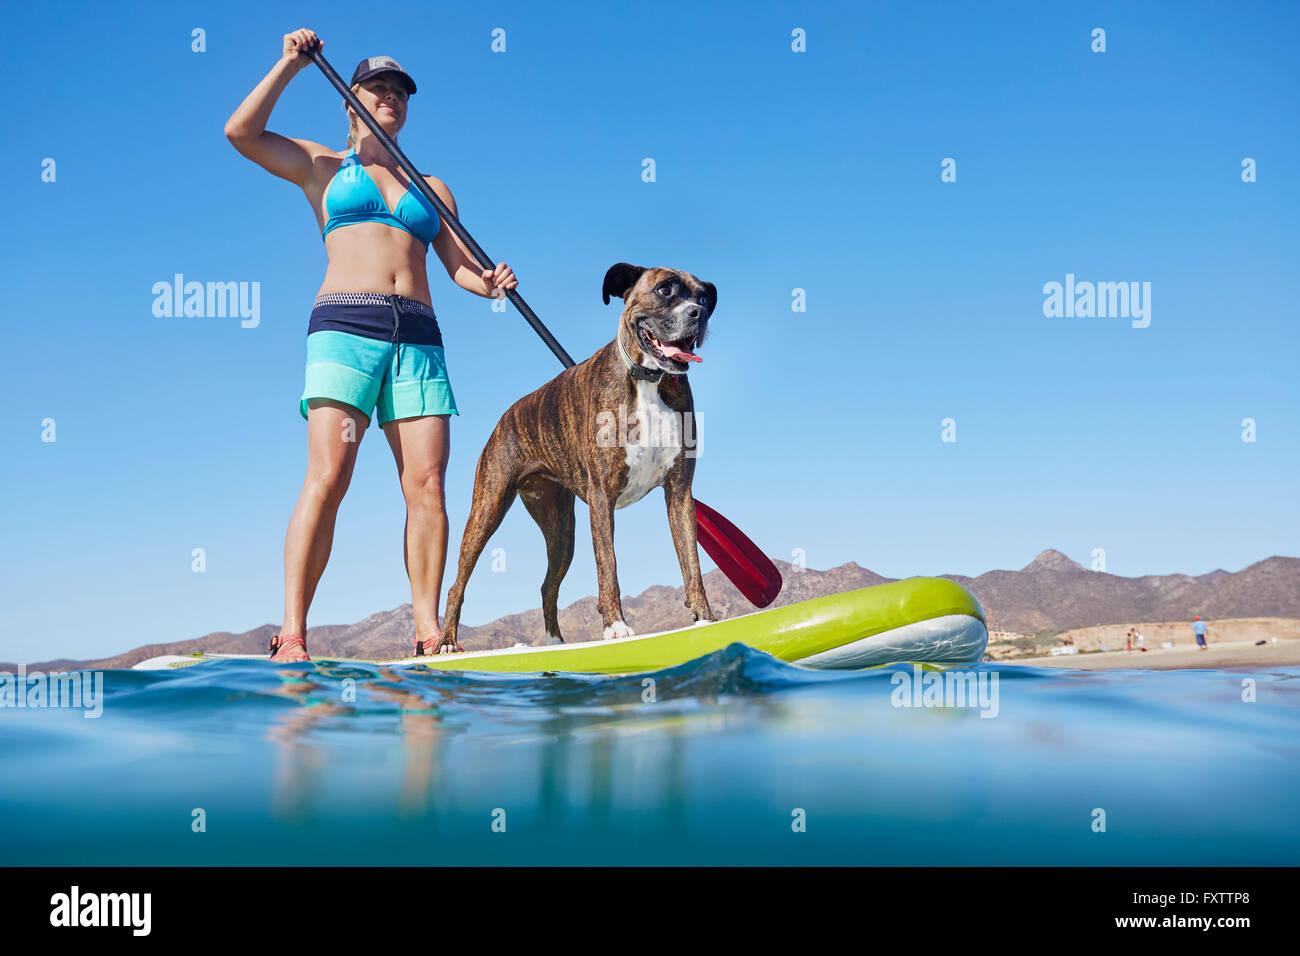 Paddleboarden Frau mit Hund Stockbild